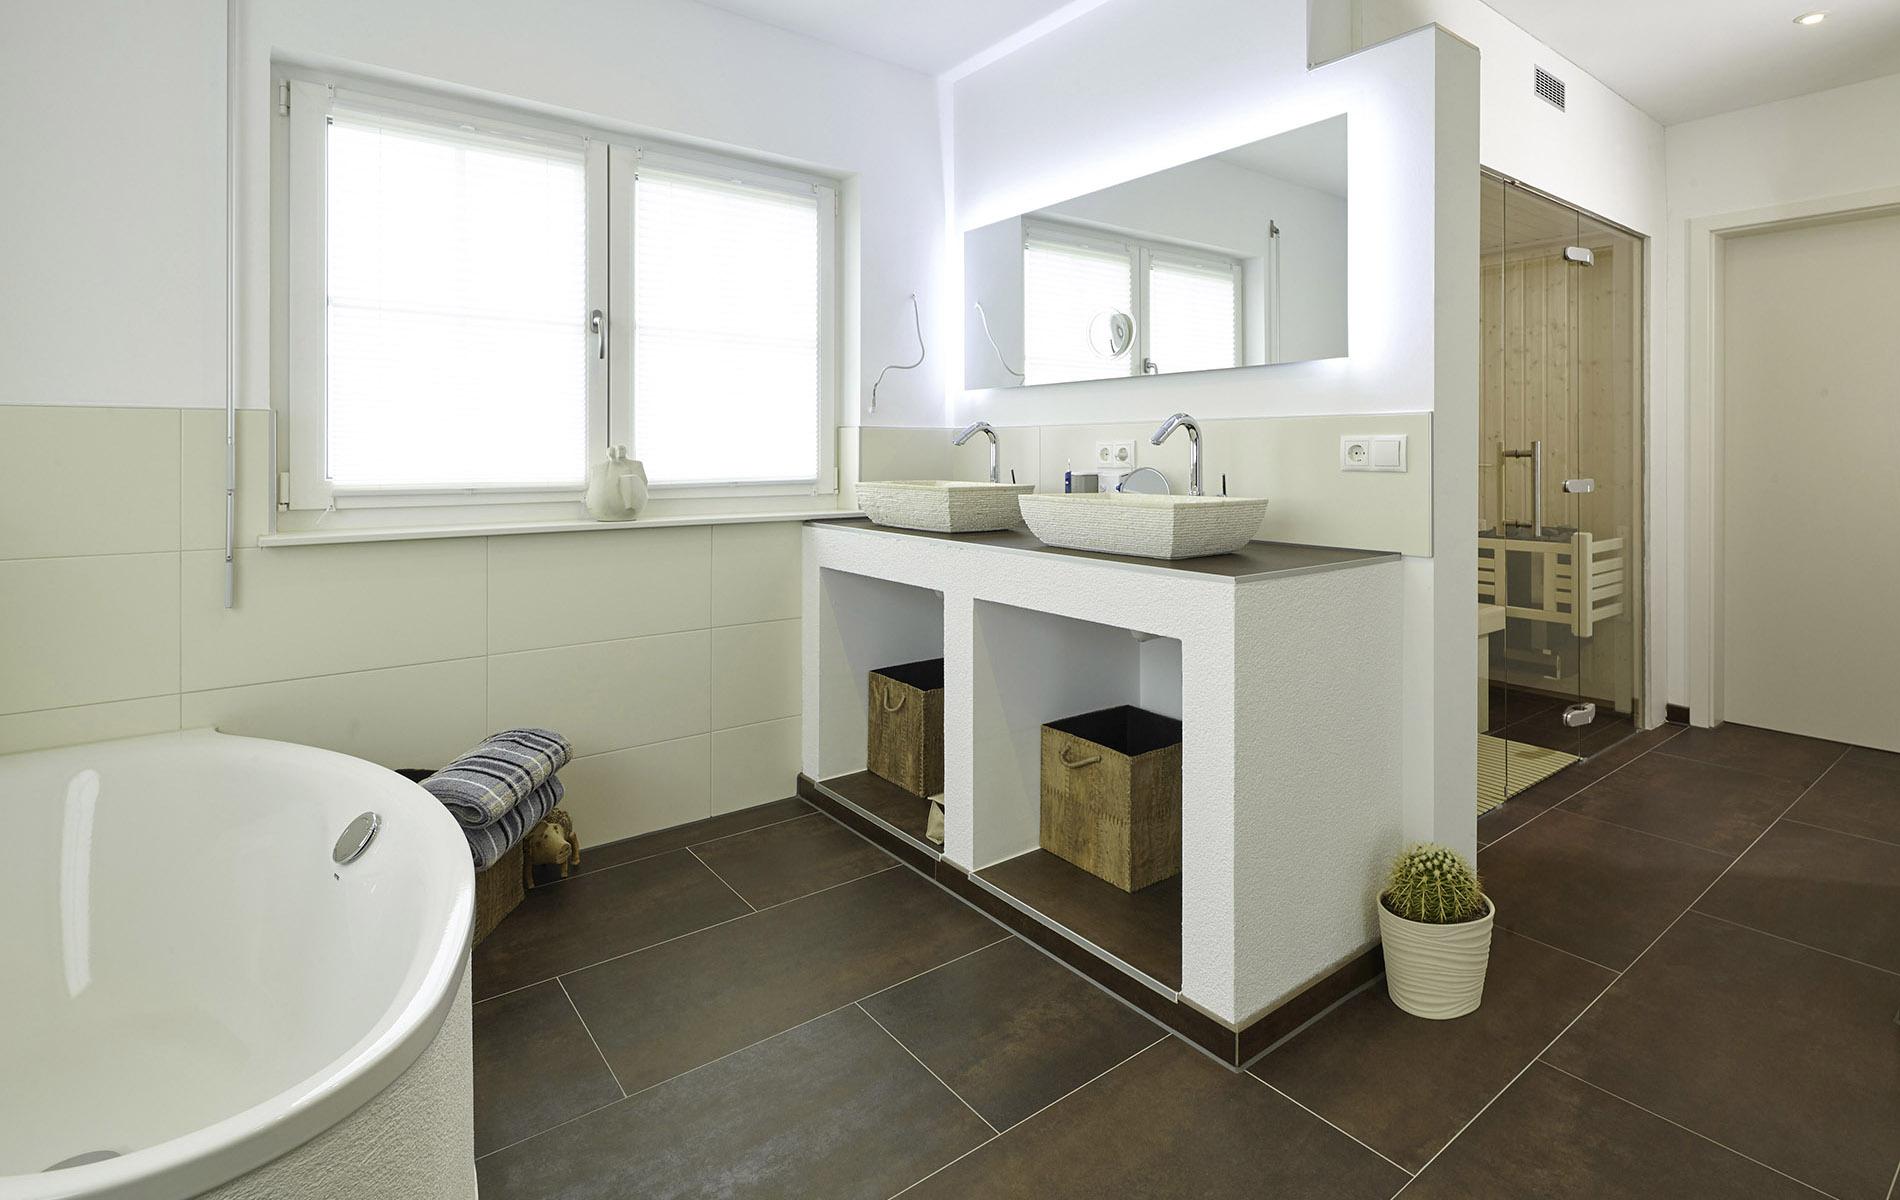 Platz für eine Sauna im Bad